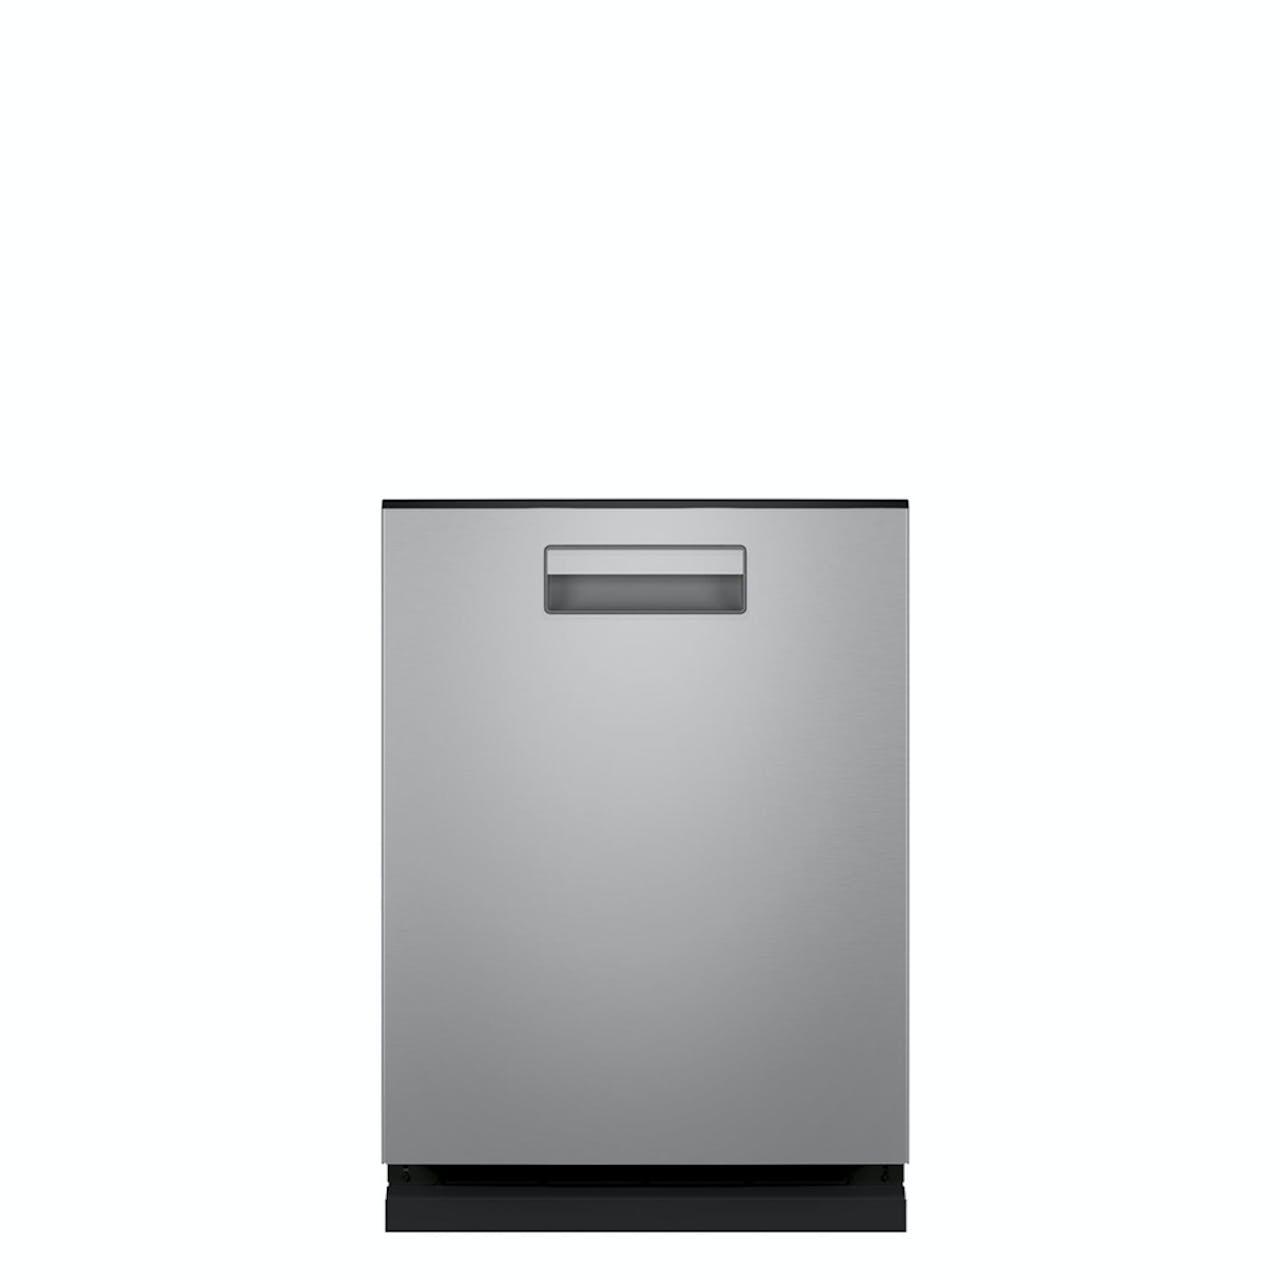 Smart Dishwashers